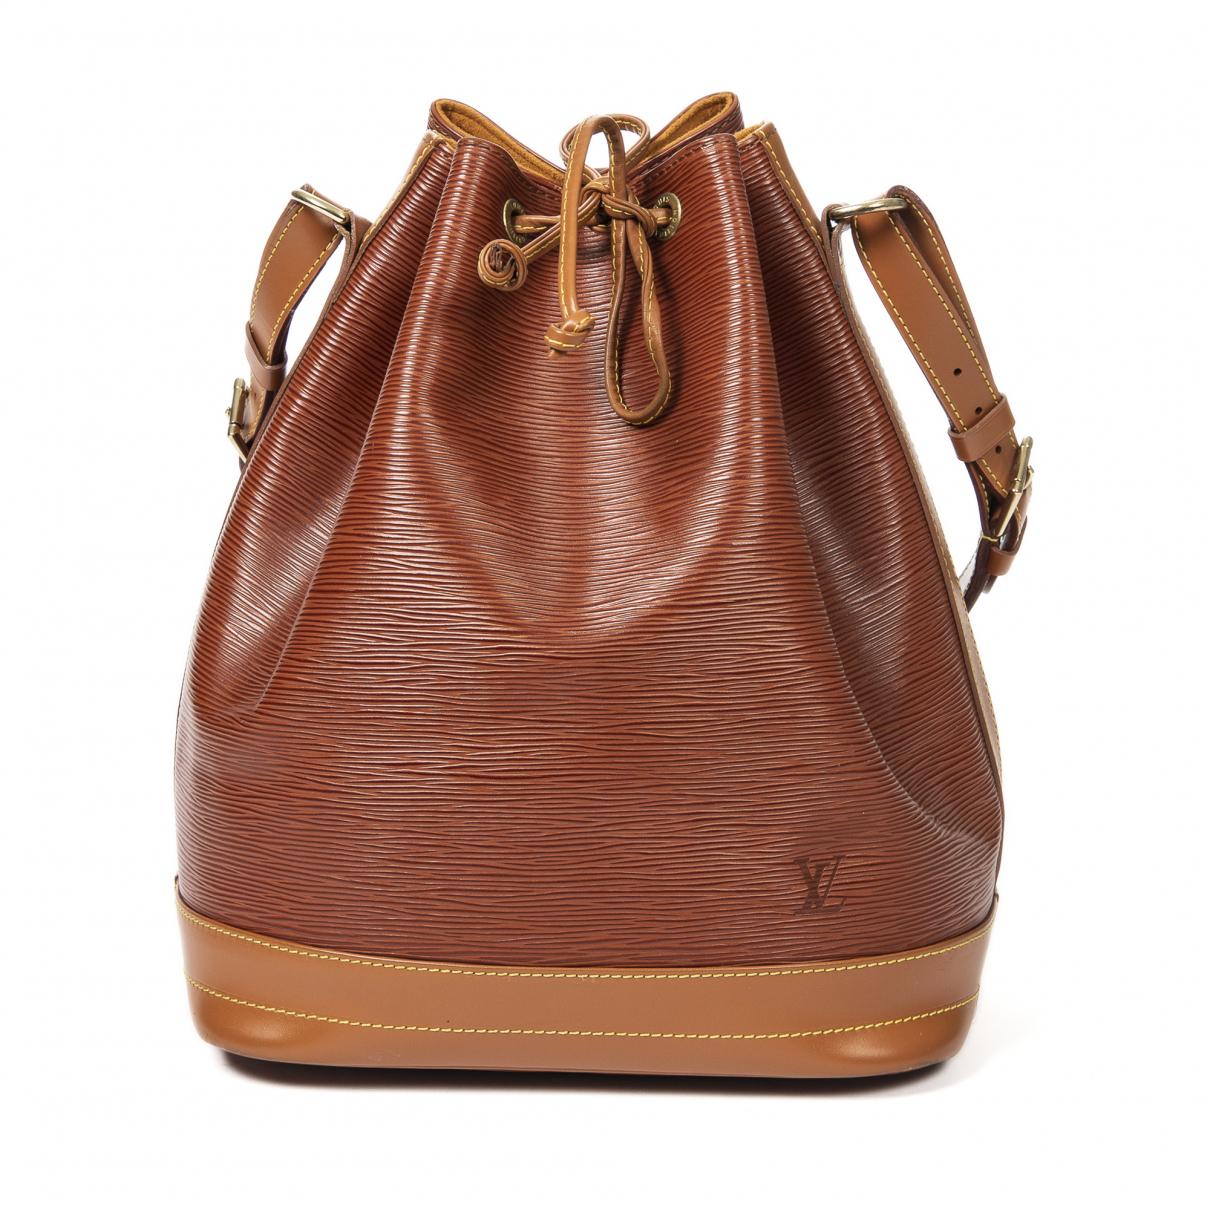 Louis Vuitton Noe Handtasche in Leder